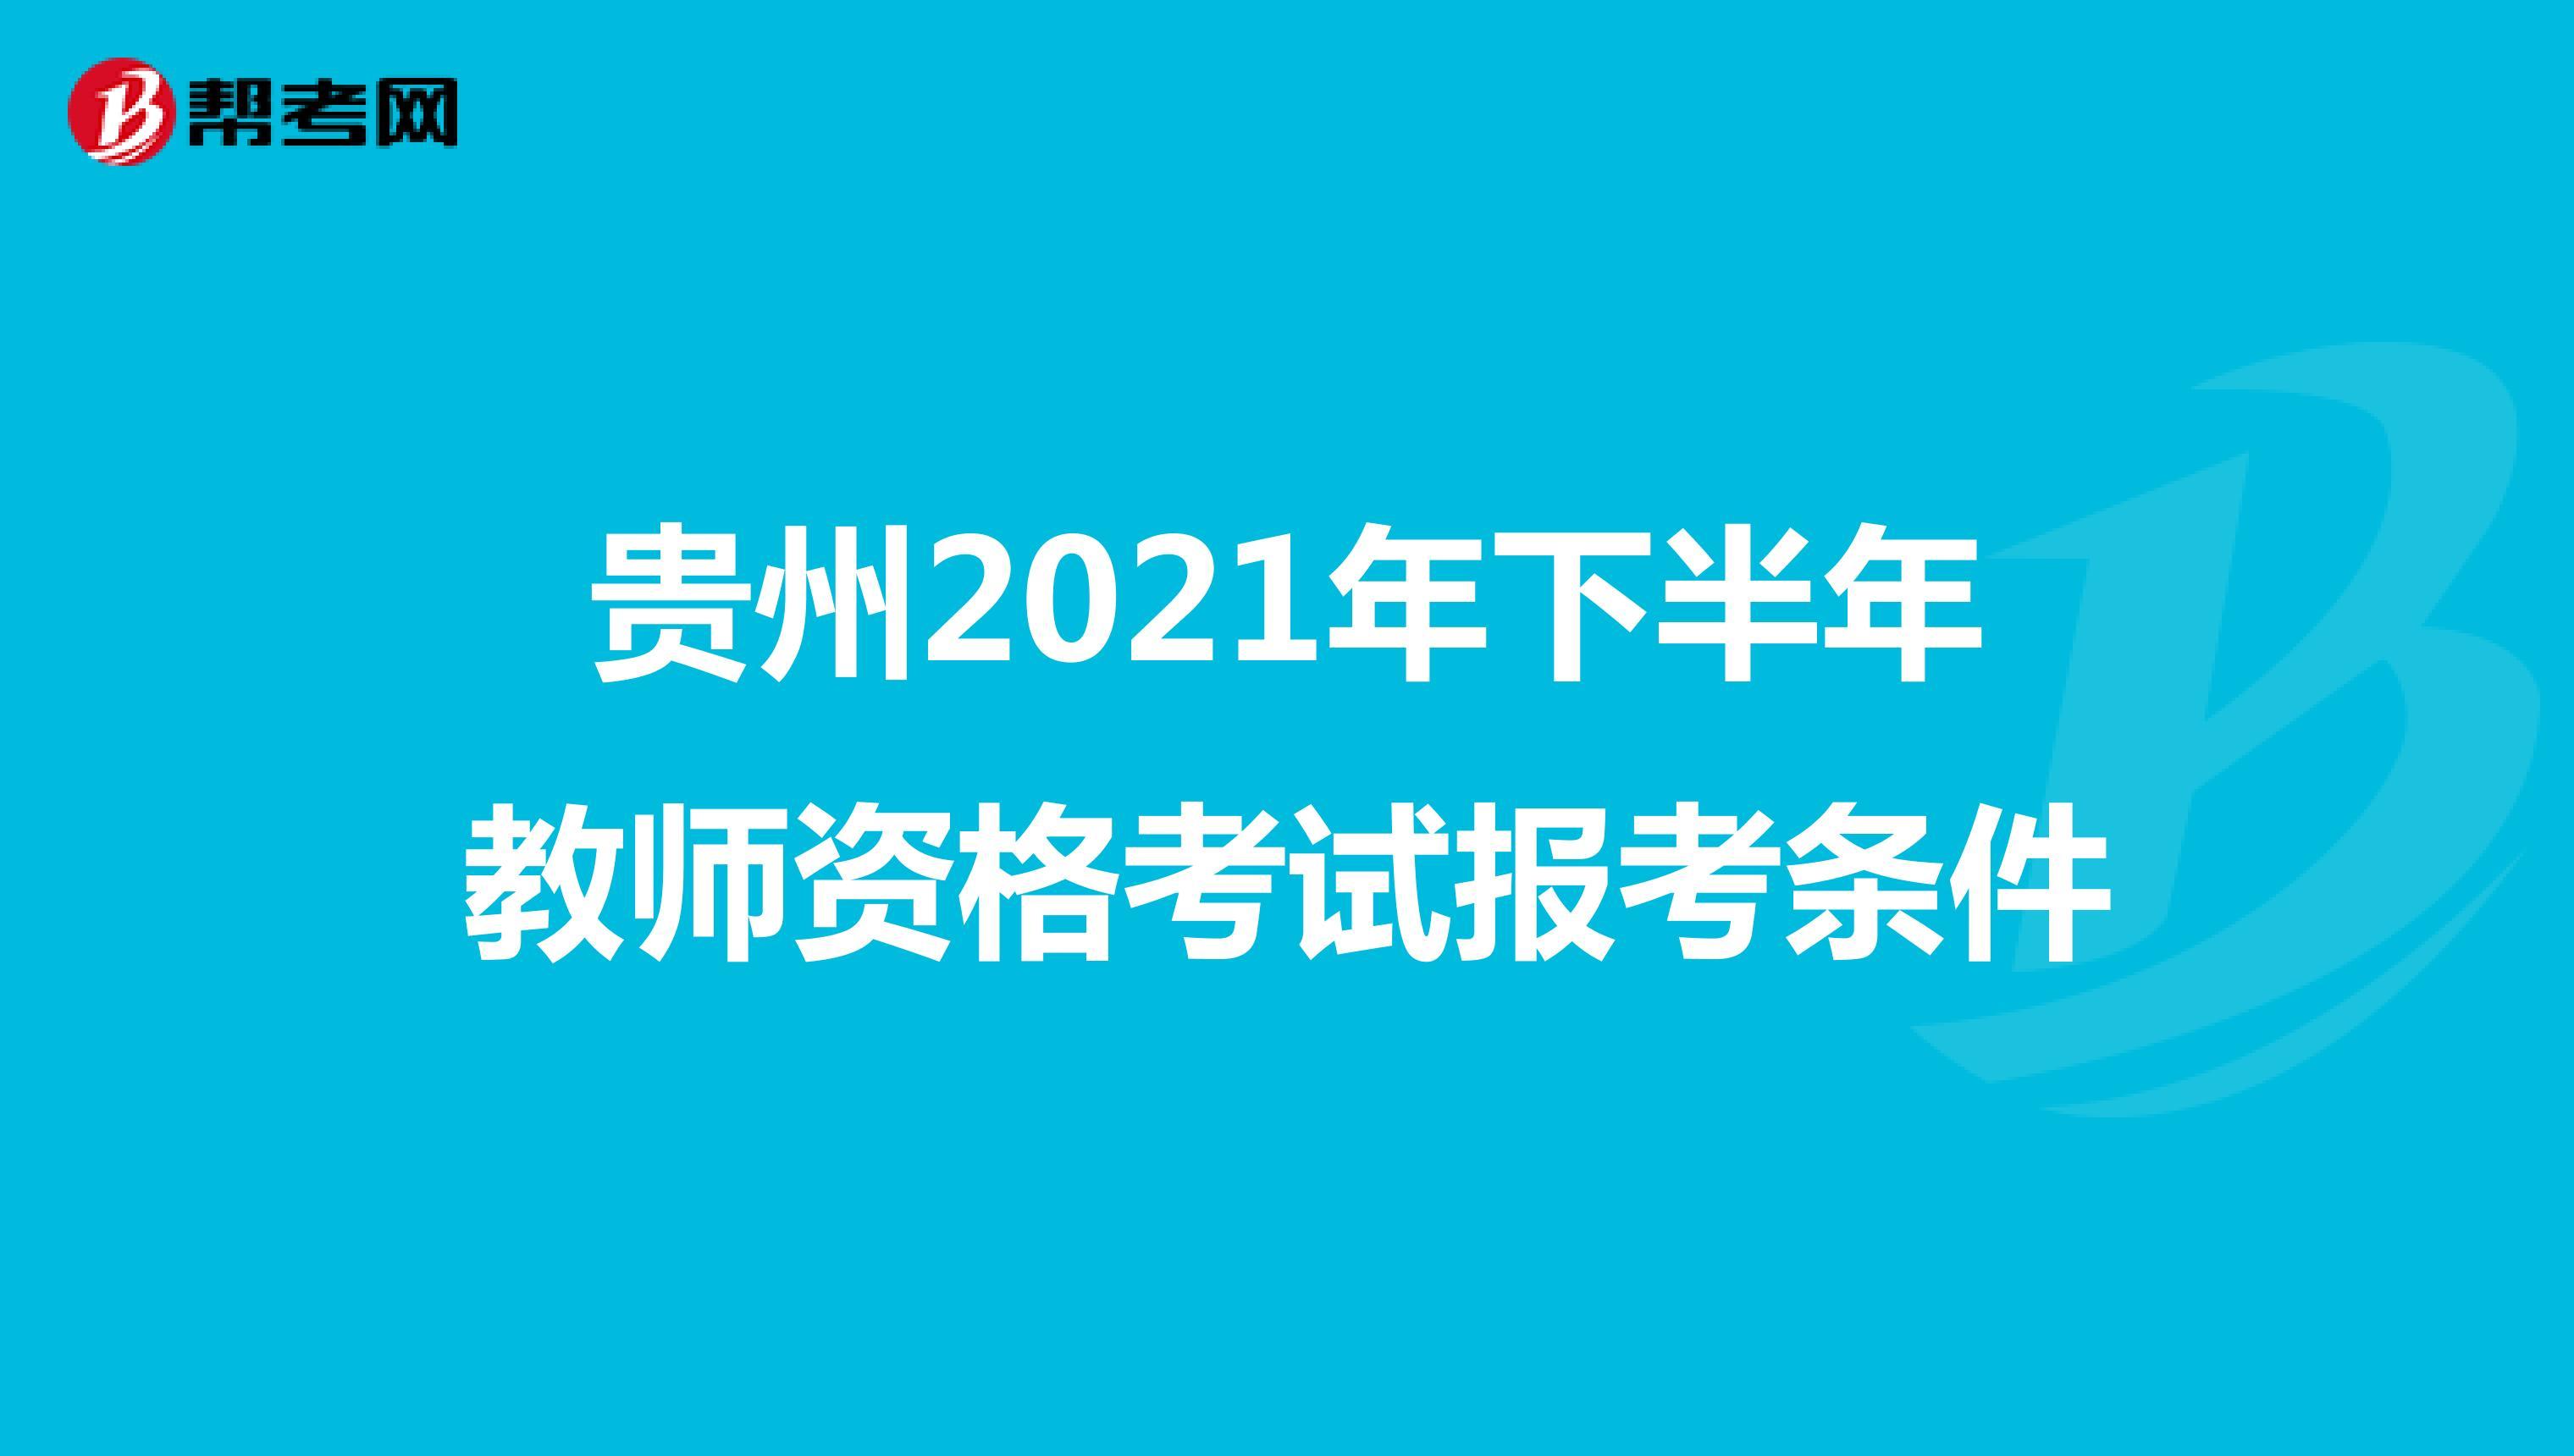 贵州2021年下半年教师资格考试报考条件